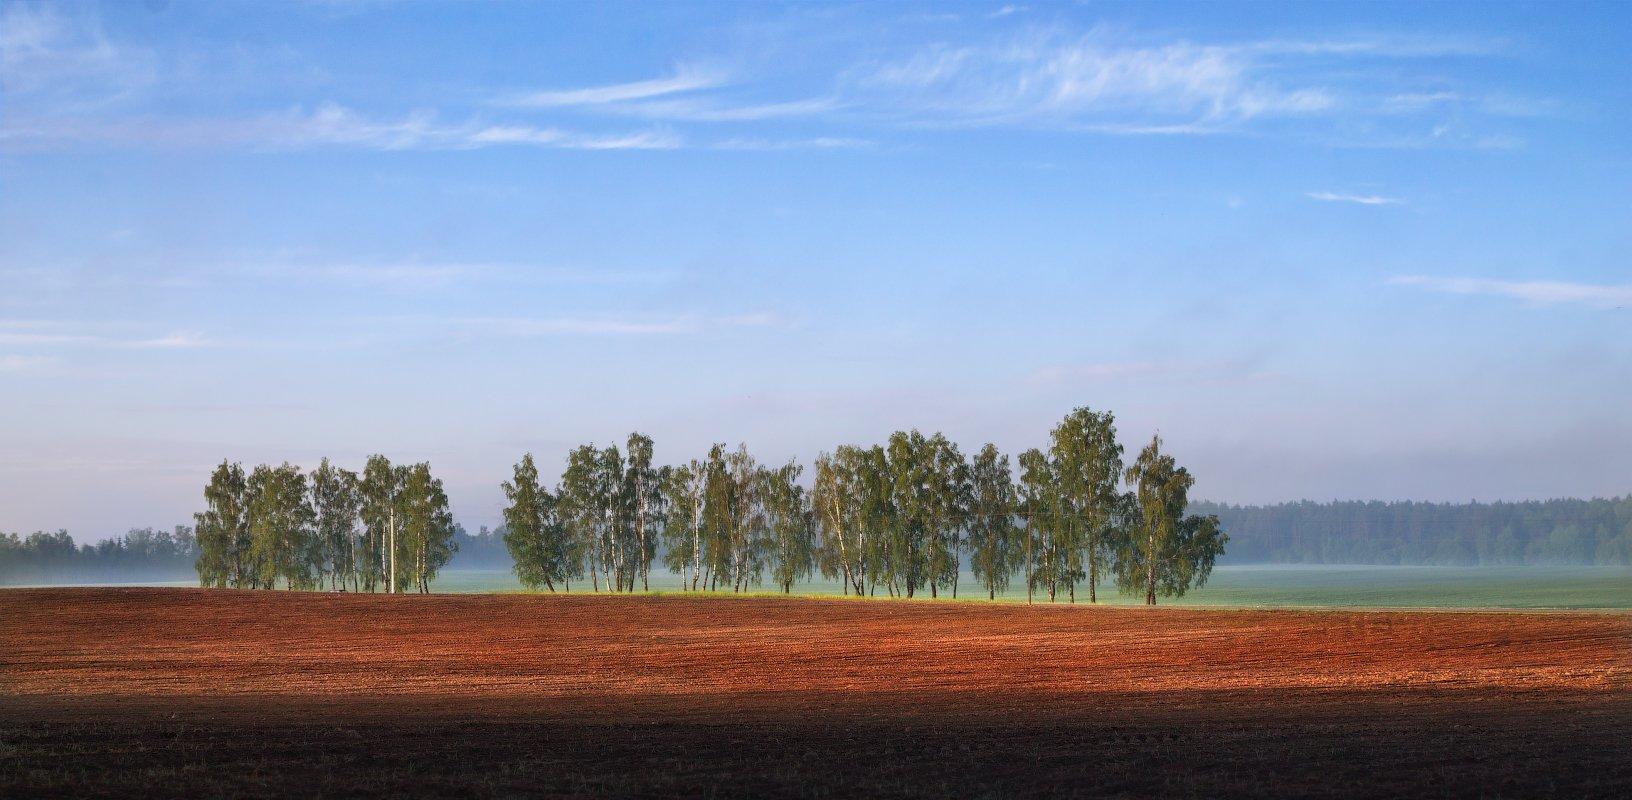 утро, поле, деревья,, Сергей Шабуневич